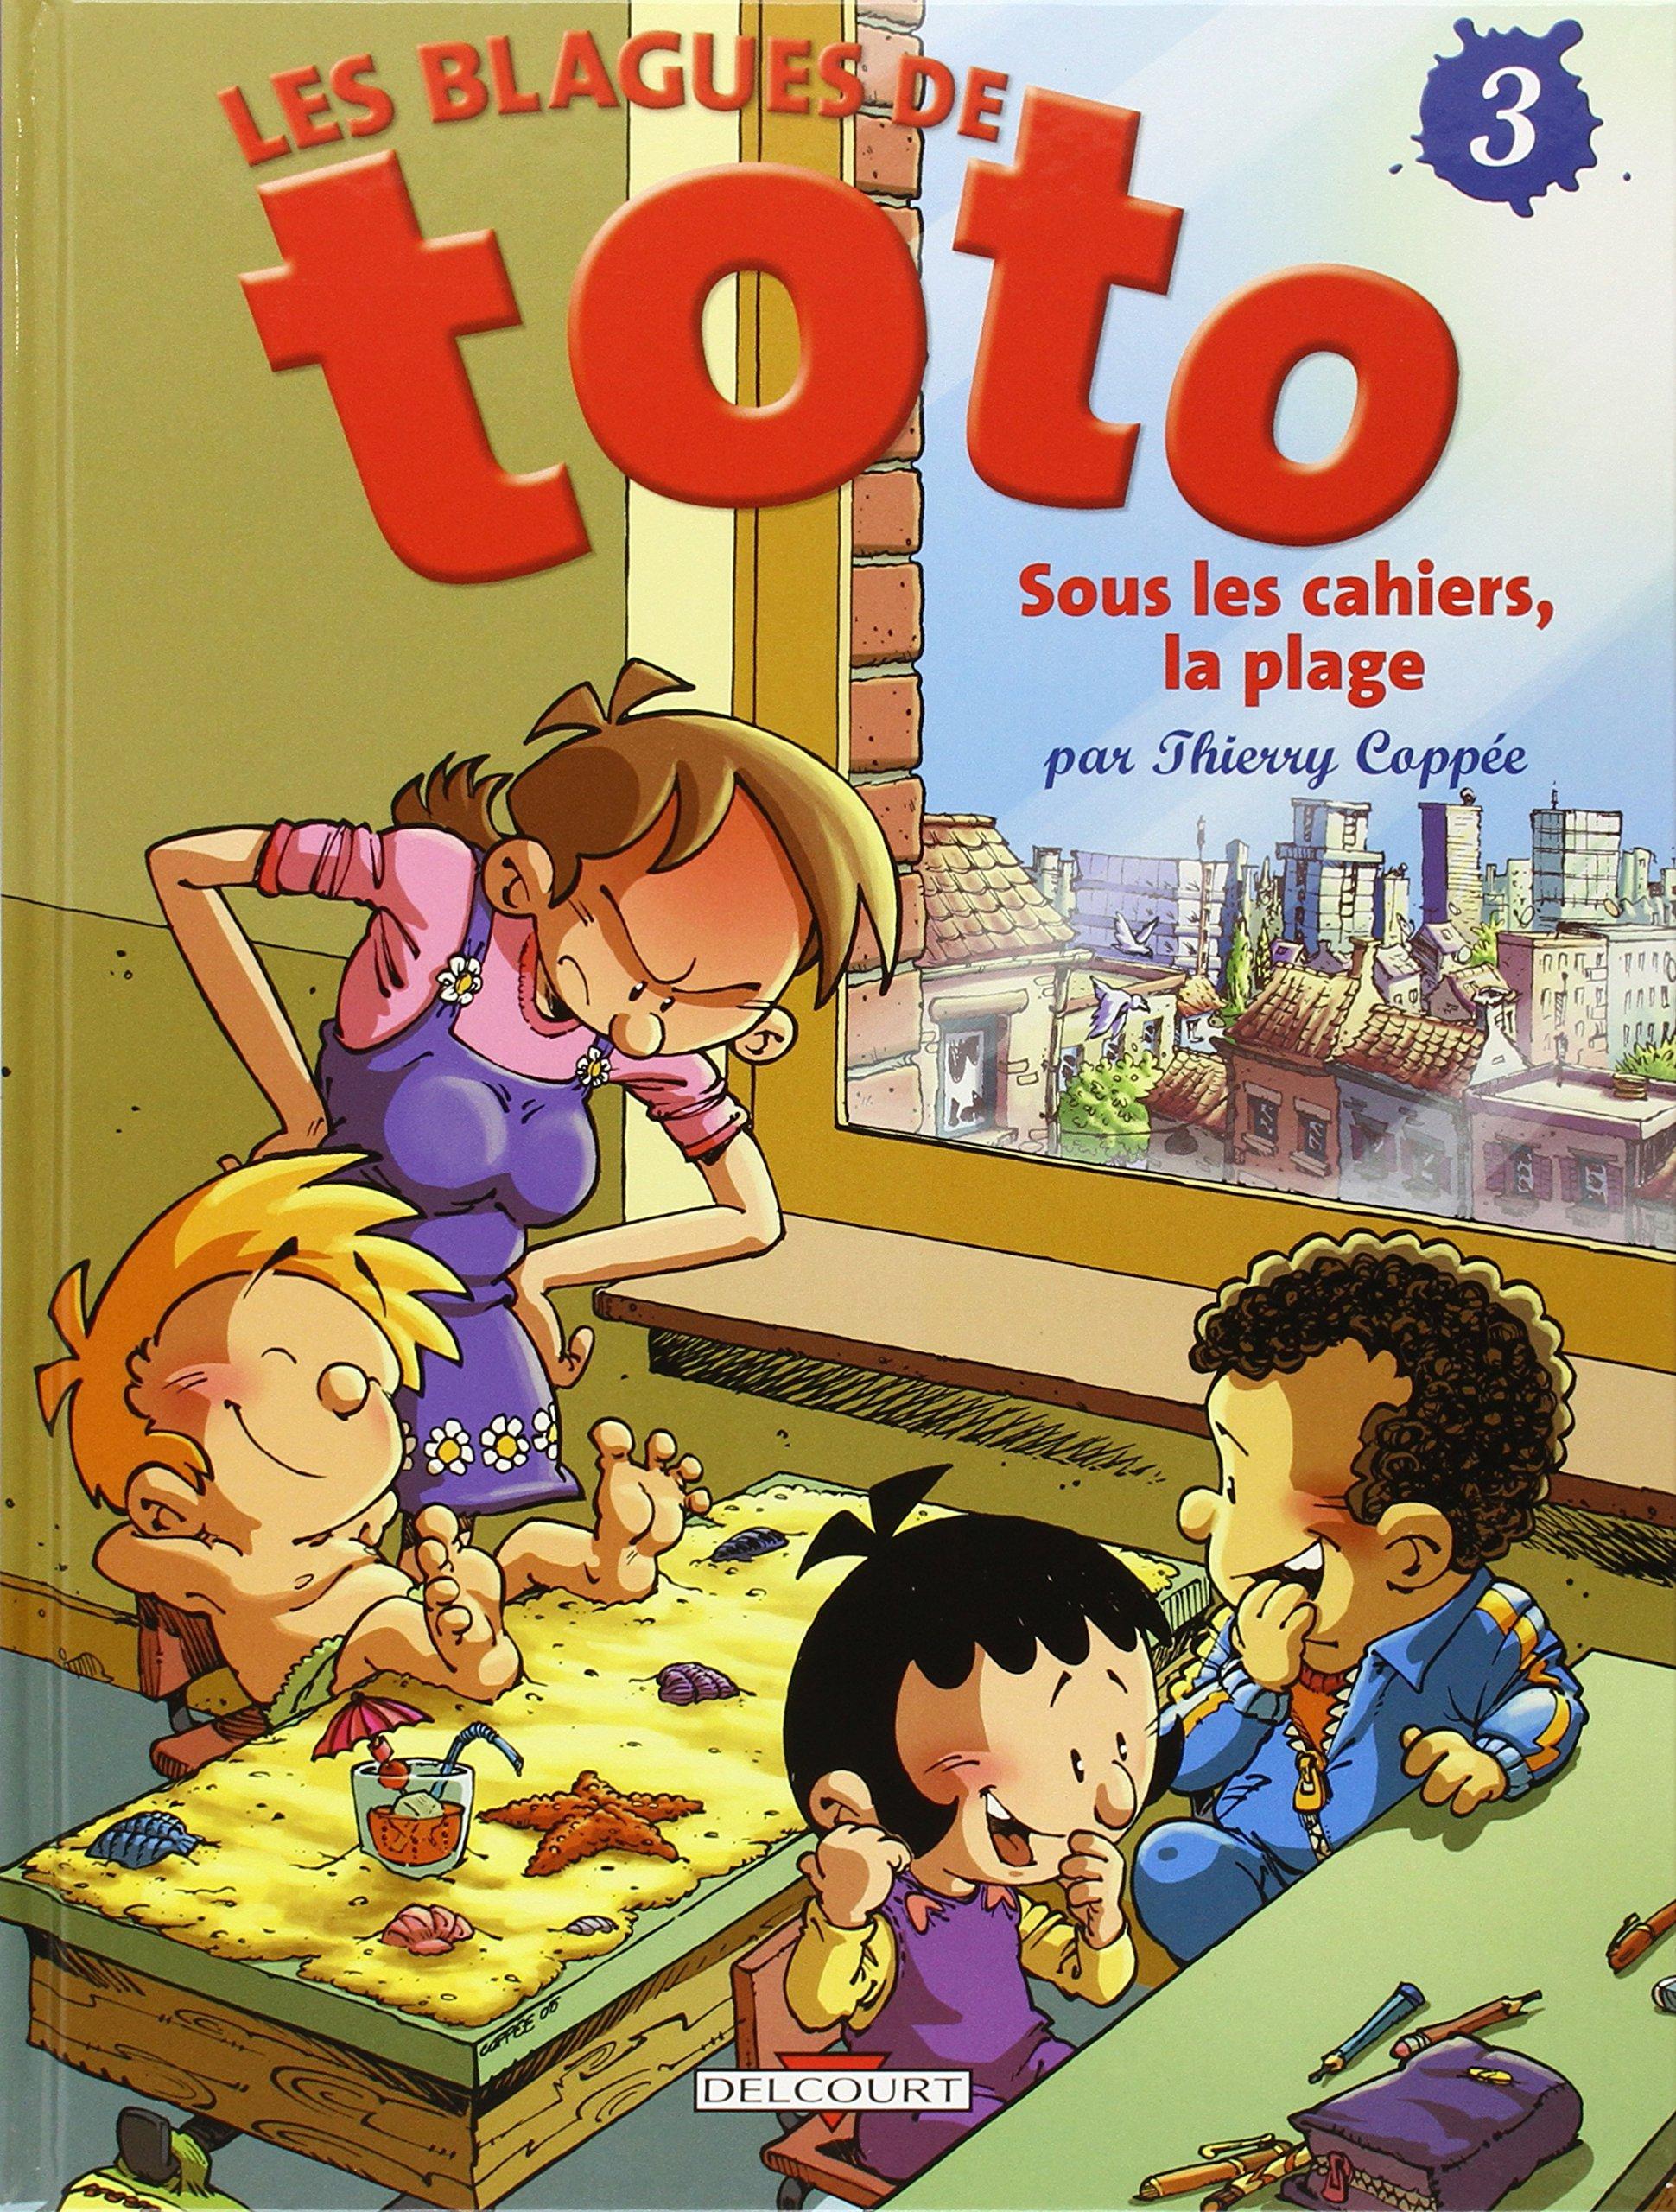 Les Blagues de Toto, tome 3 : Sous les cahiers, la plage Belle reliure – 8 juin 2005 Thierry Coppée Delcourt 284789778X 379782847897784